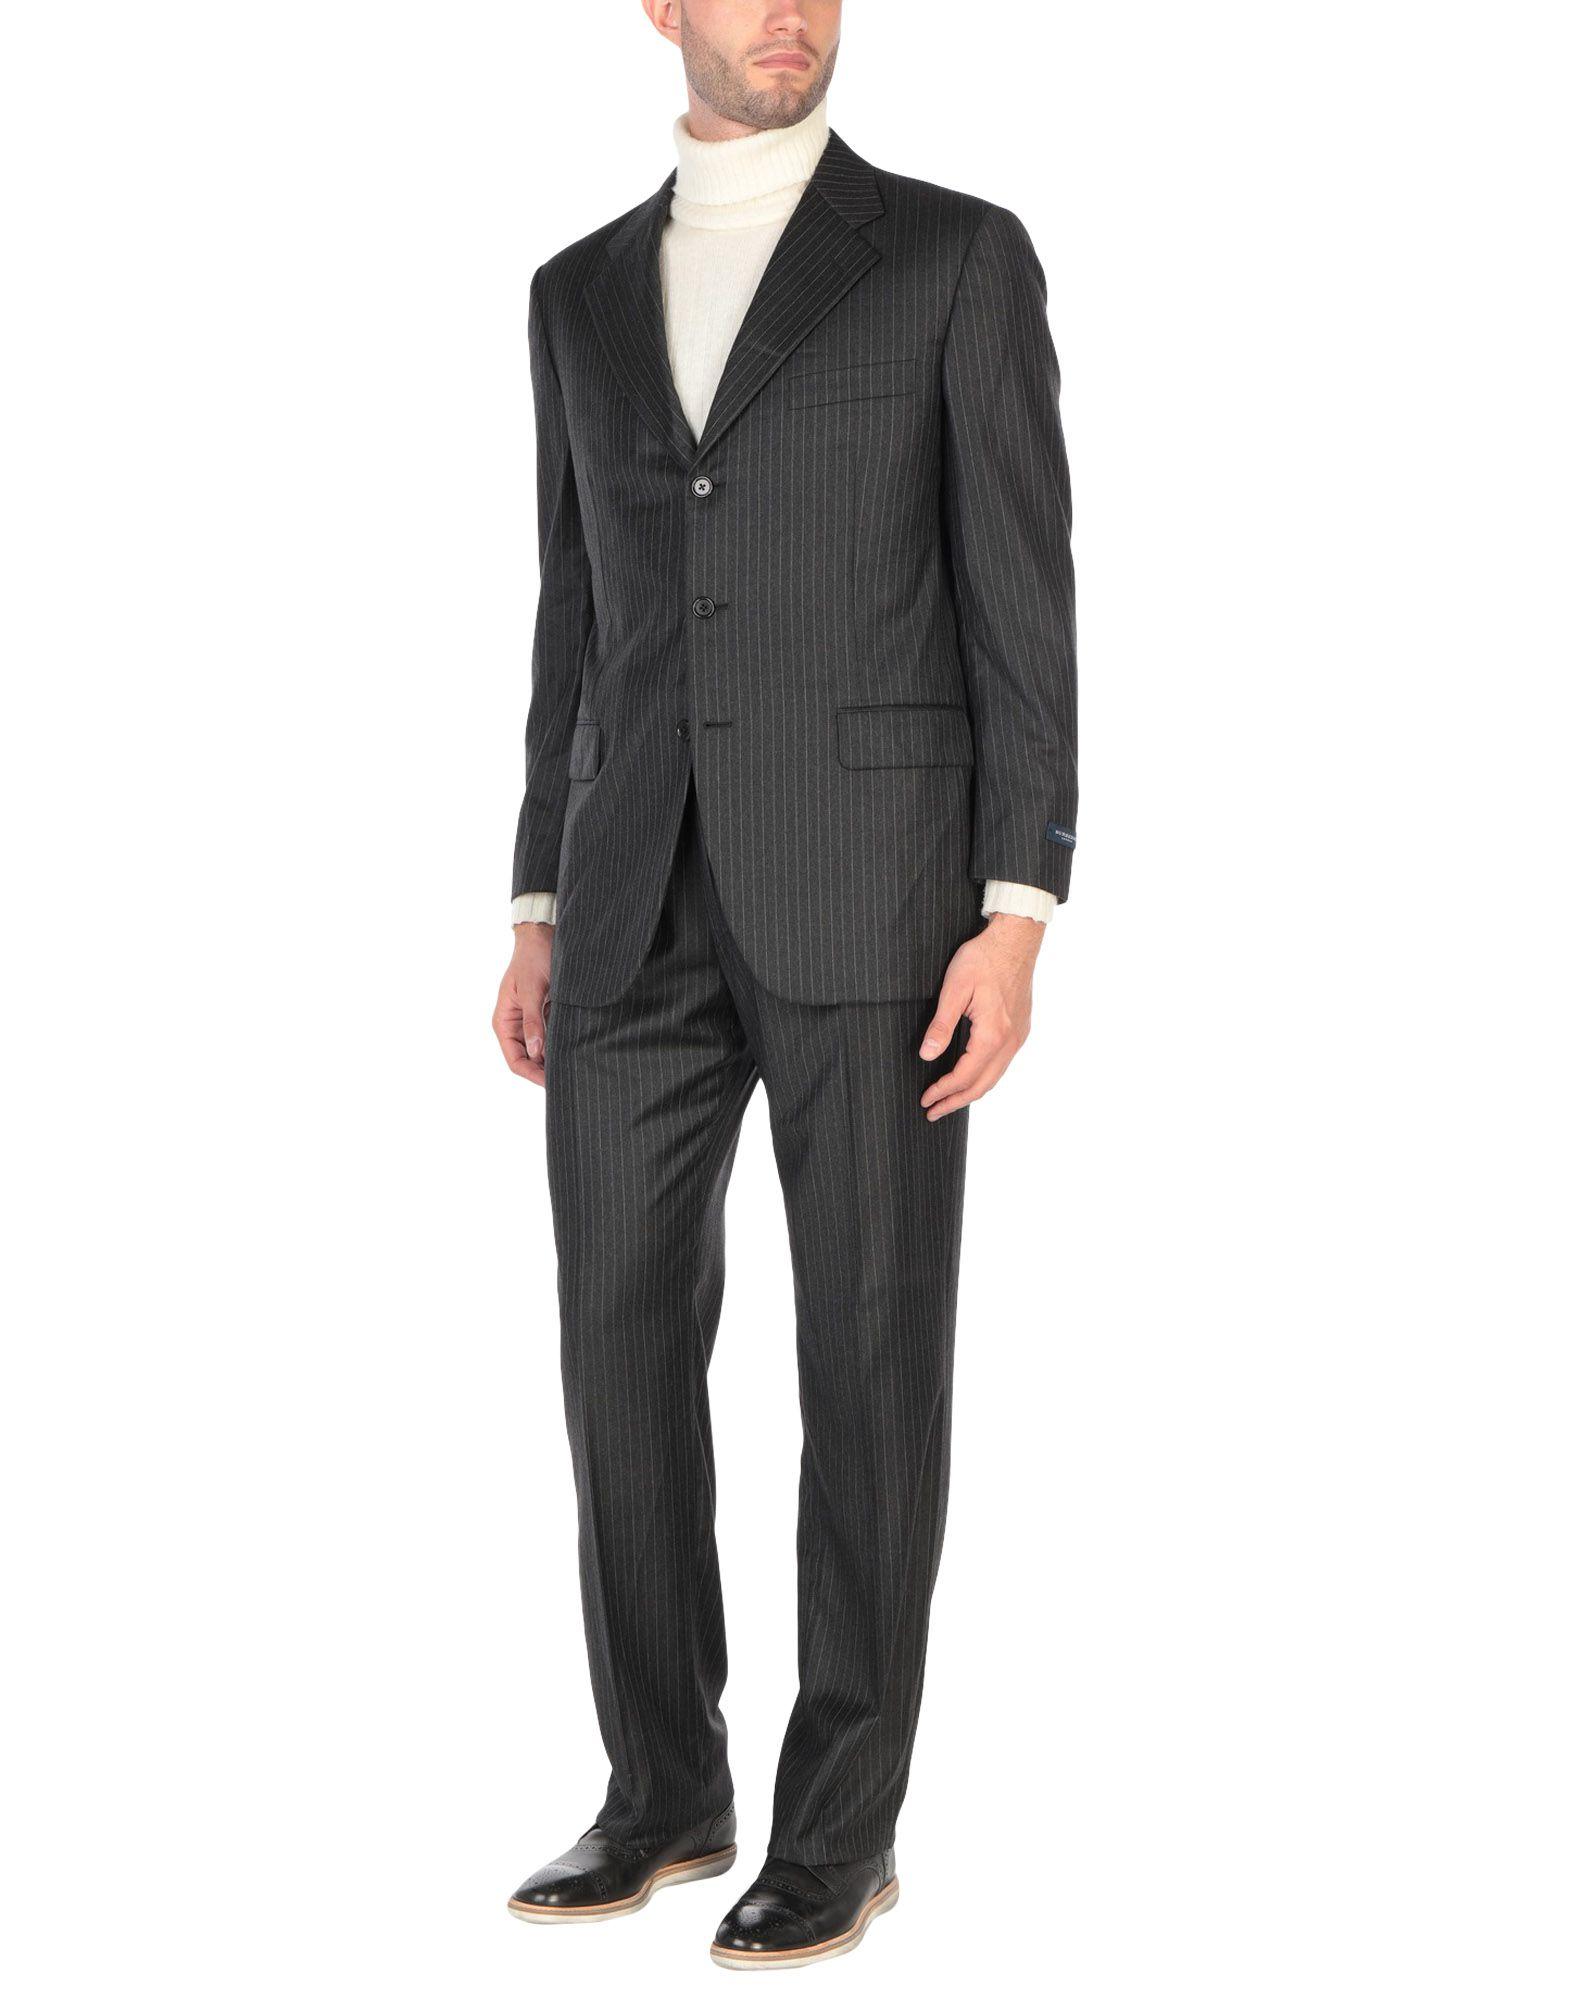 《送料無料》BURBERRY メンズ スーツ スチールグレー 54 スーパー120 ウール 100%